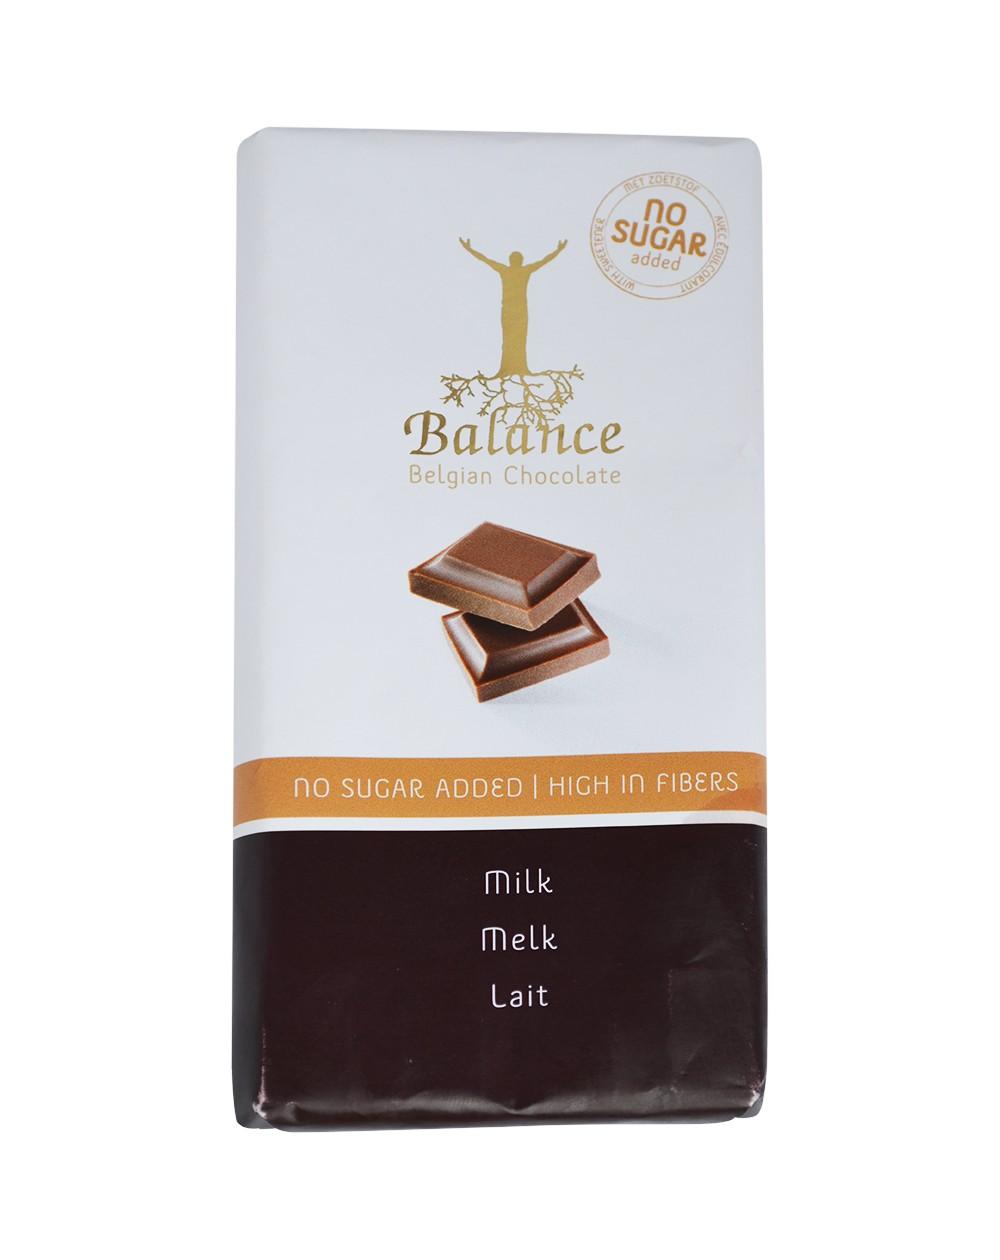 Tablette de chocolat au lait belge sans sucres ajoutés édulcorés au maltitol